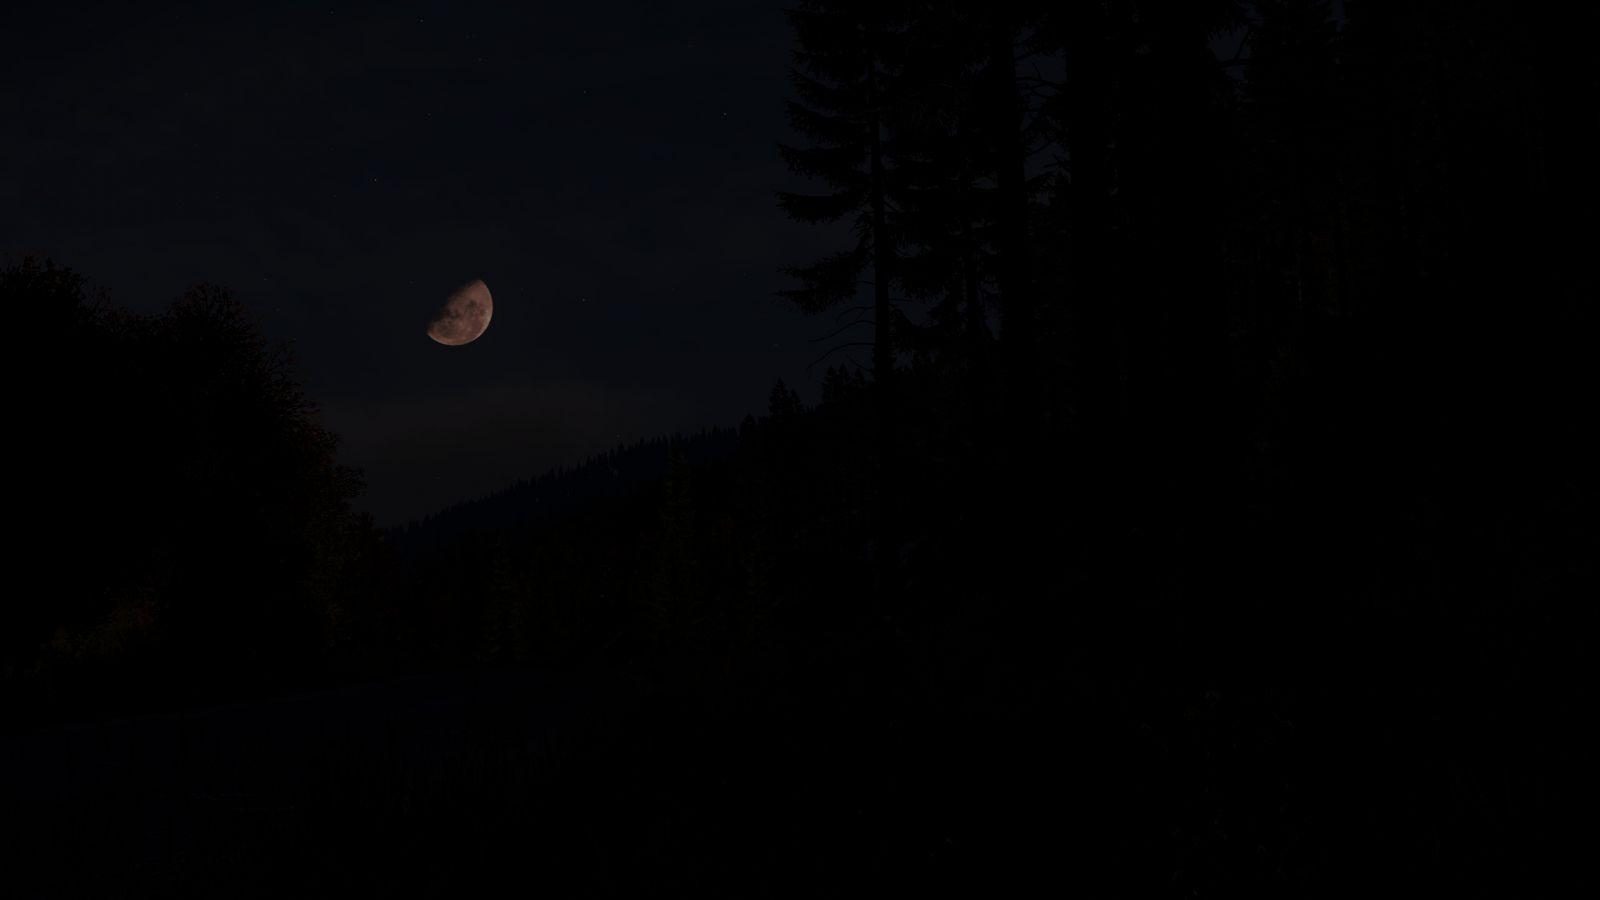 ♫ I see a bad moon rising ♫